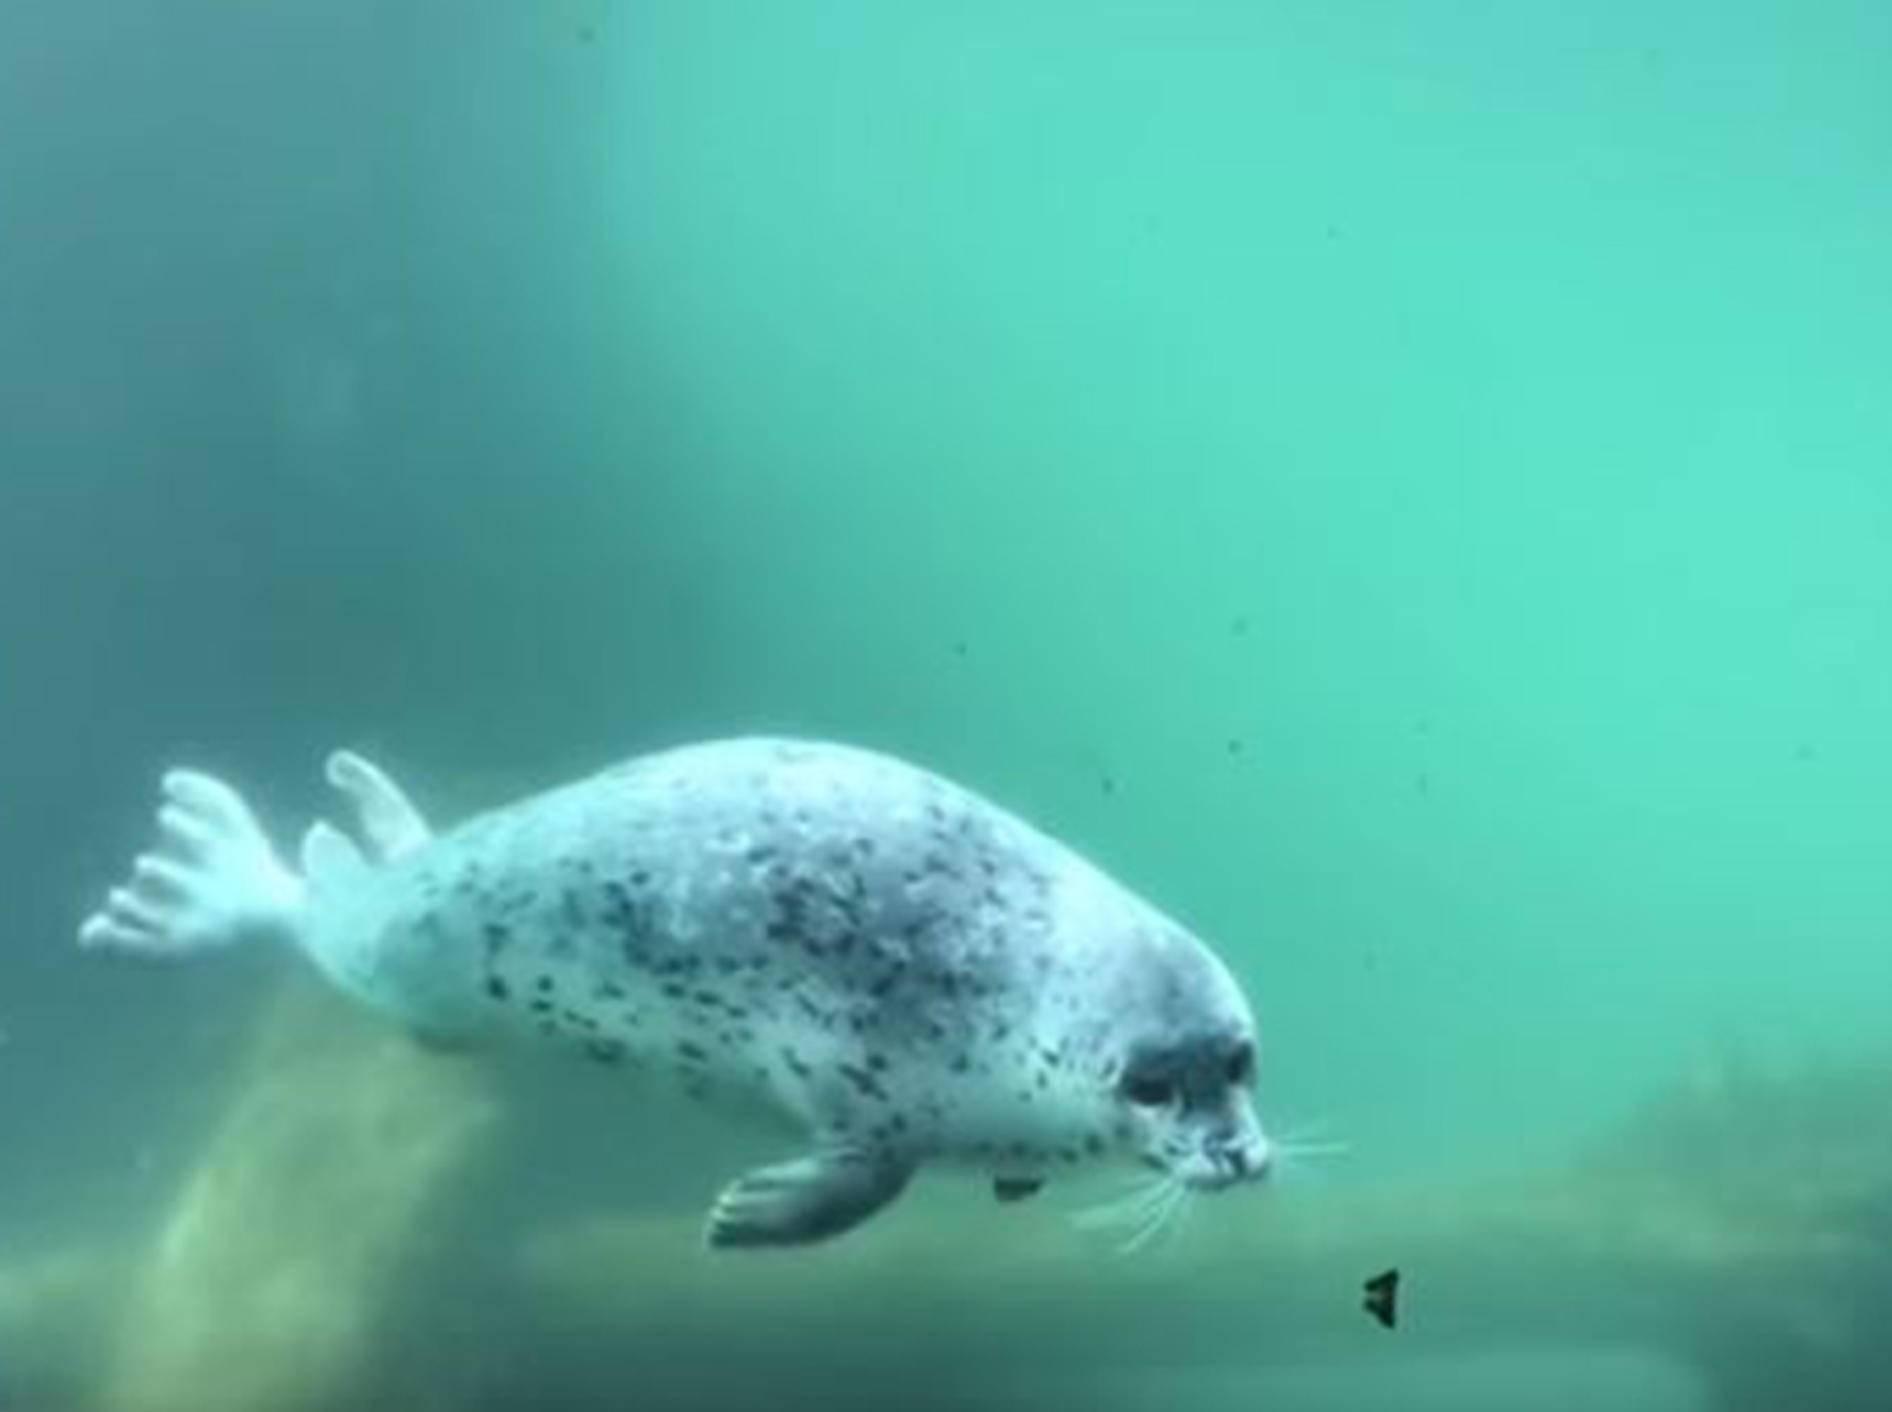 Seehund Kaya jagt einen Schmetterling vor ihrem Aquarium - Bild: YouTube / Oregon Zoo